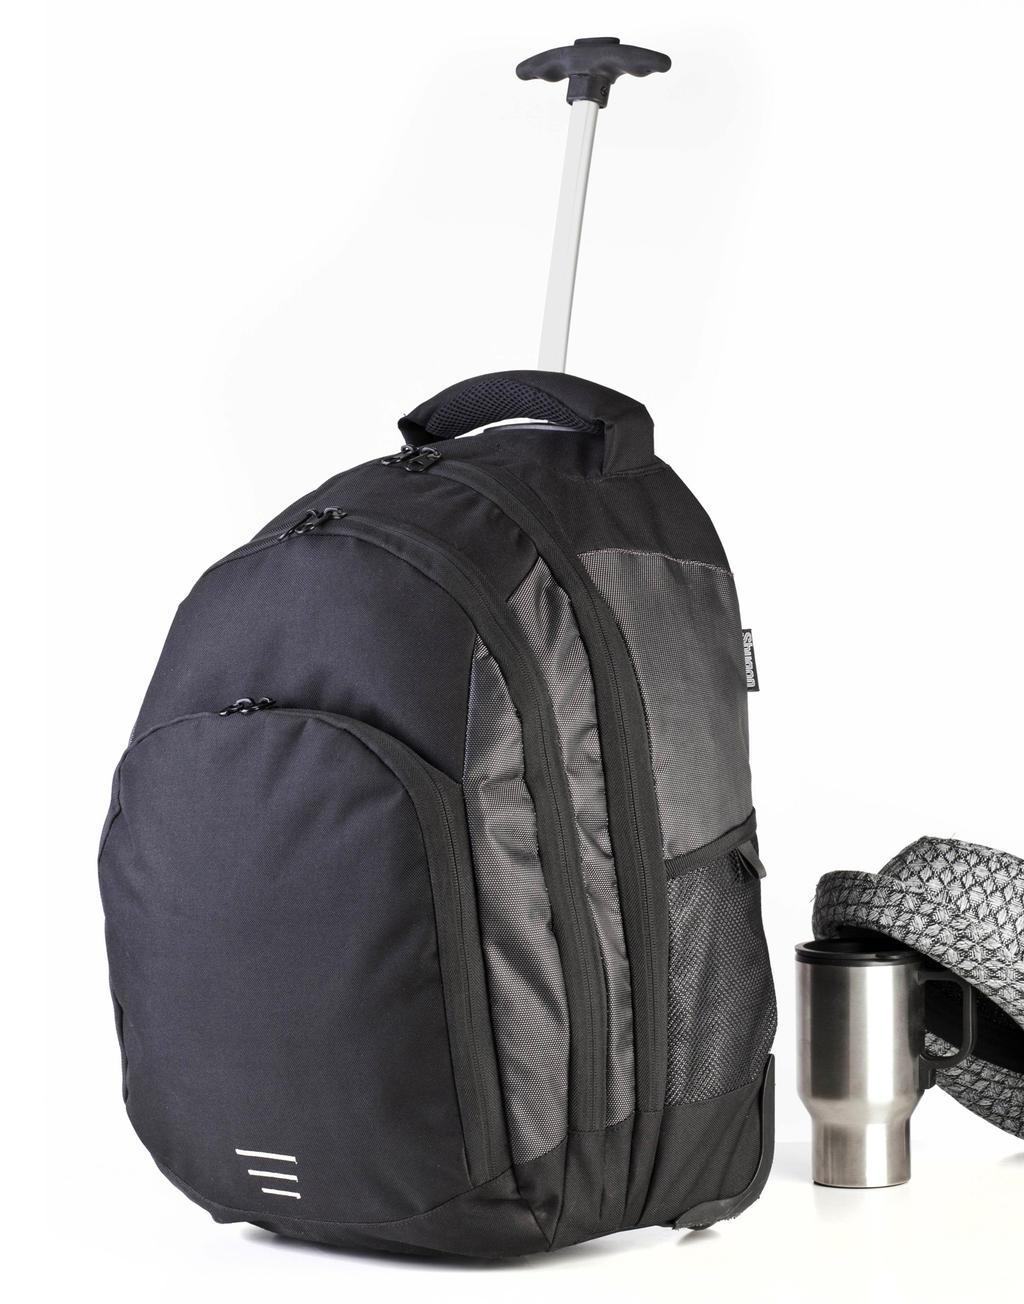 Plecak na kółkach Carrara II